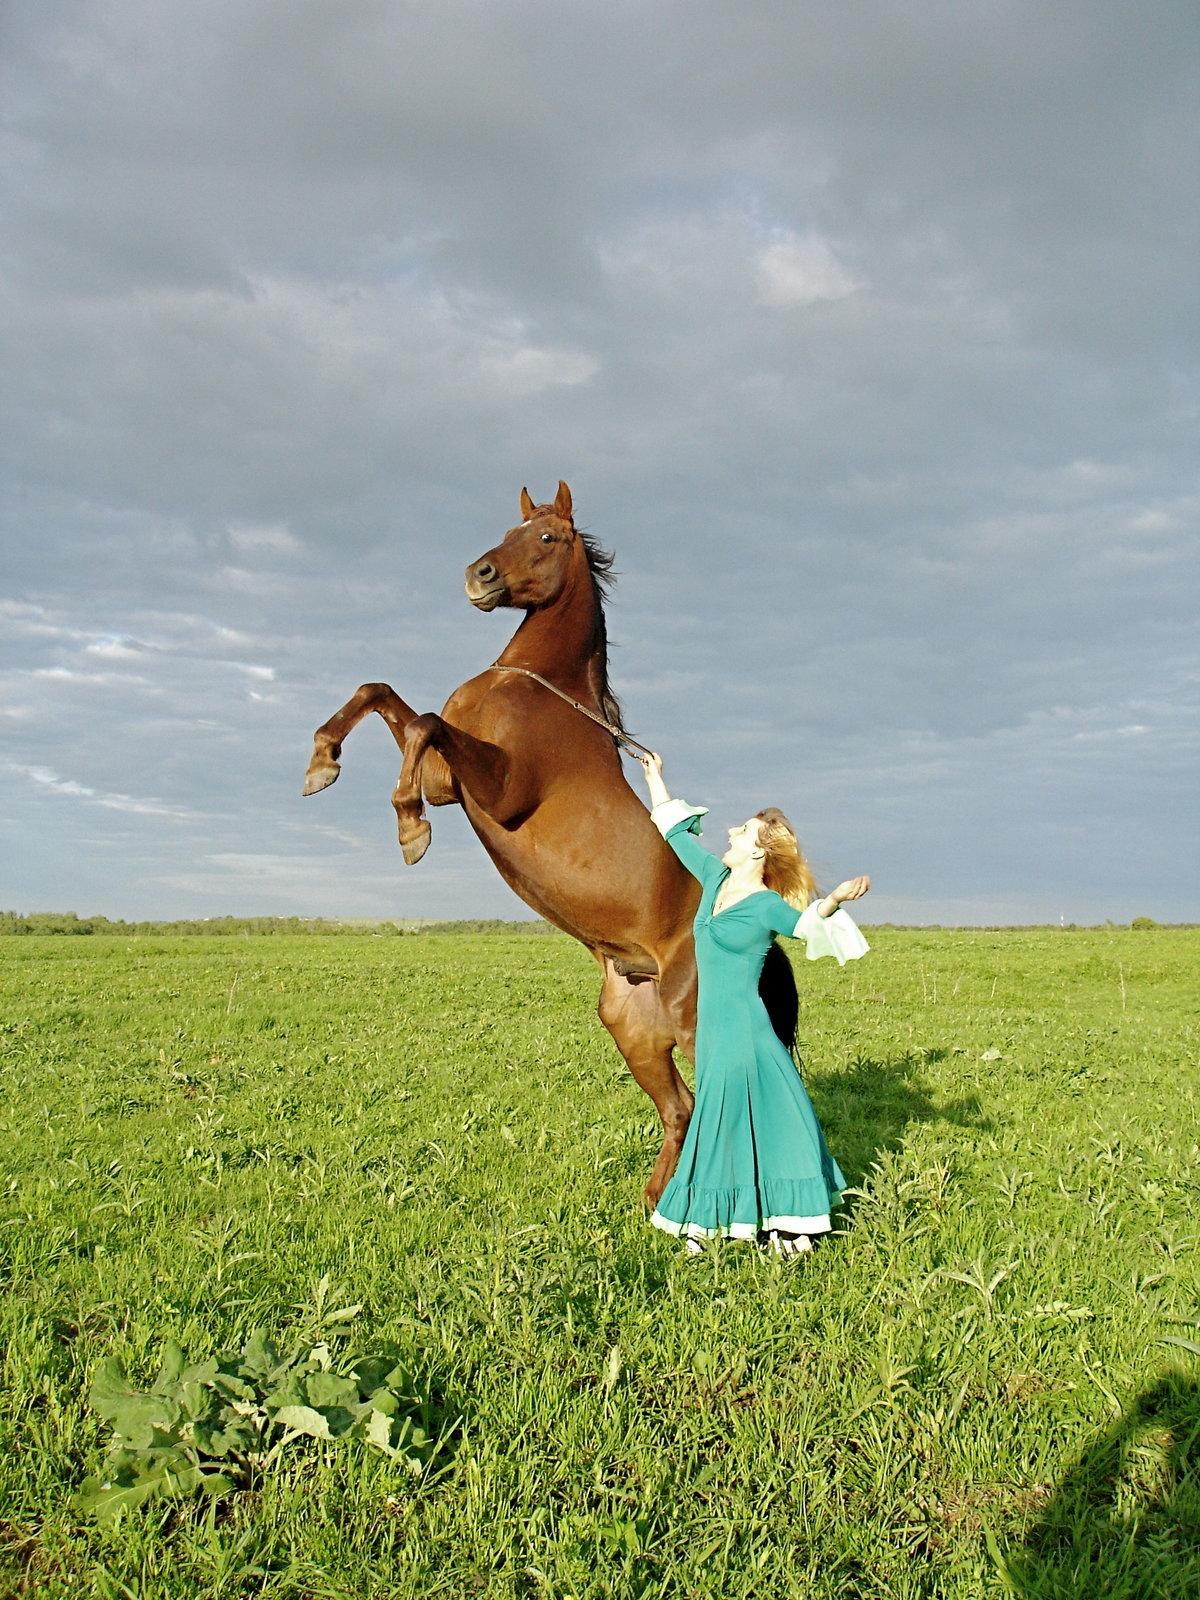 картинки конь танцует был популярен